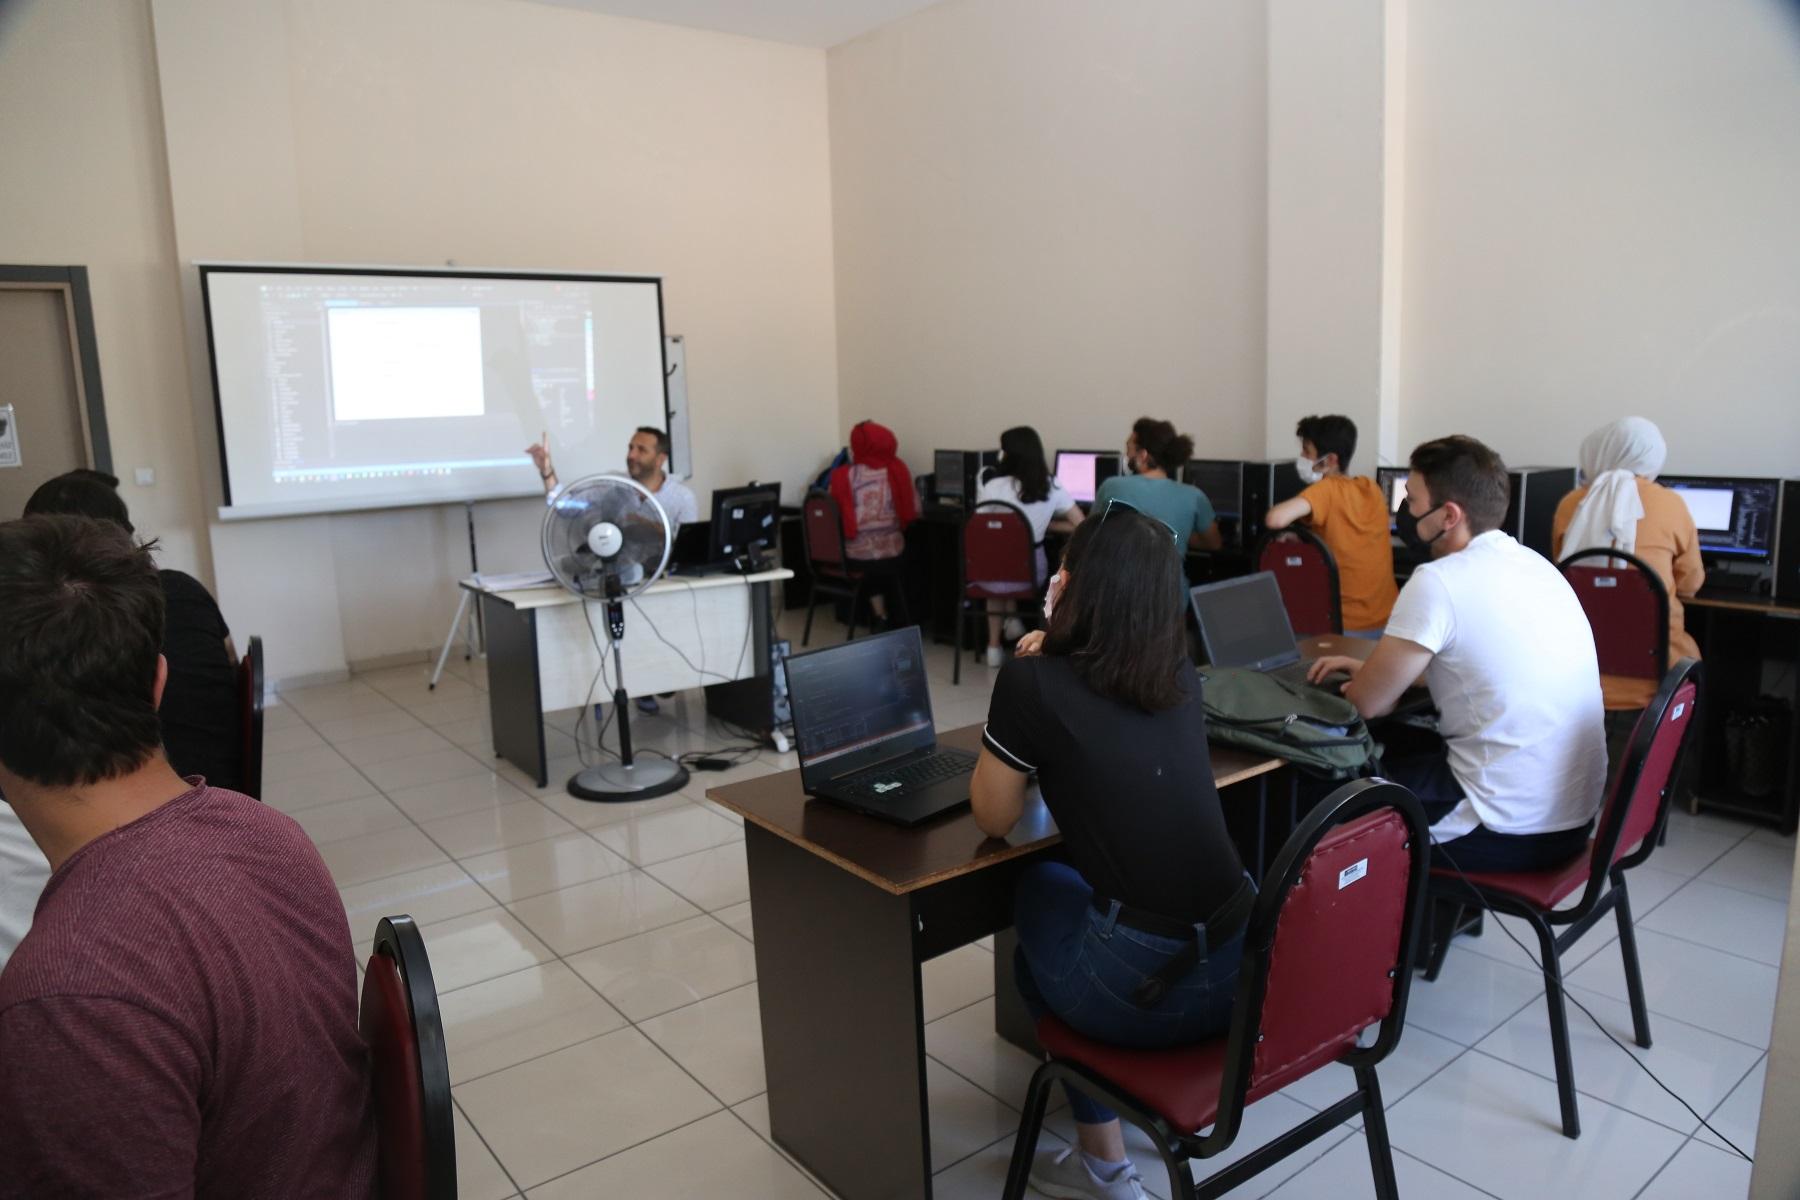 Kocaeli Büyükşehir'in USTAM Projesi Eğitimleri Devam Ediyor